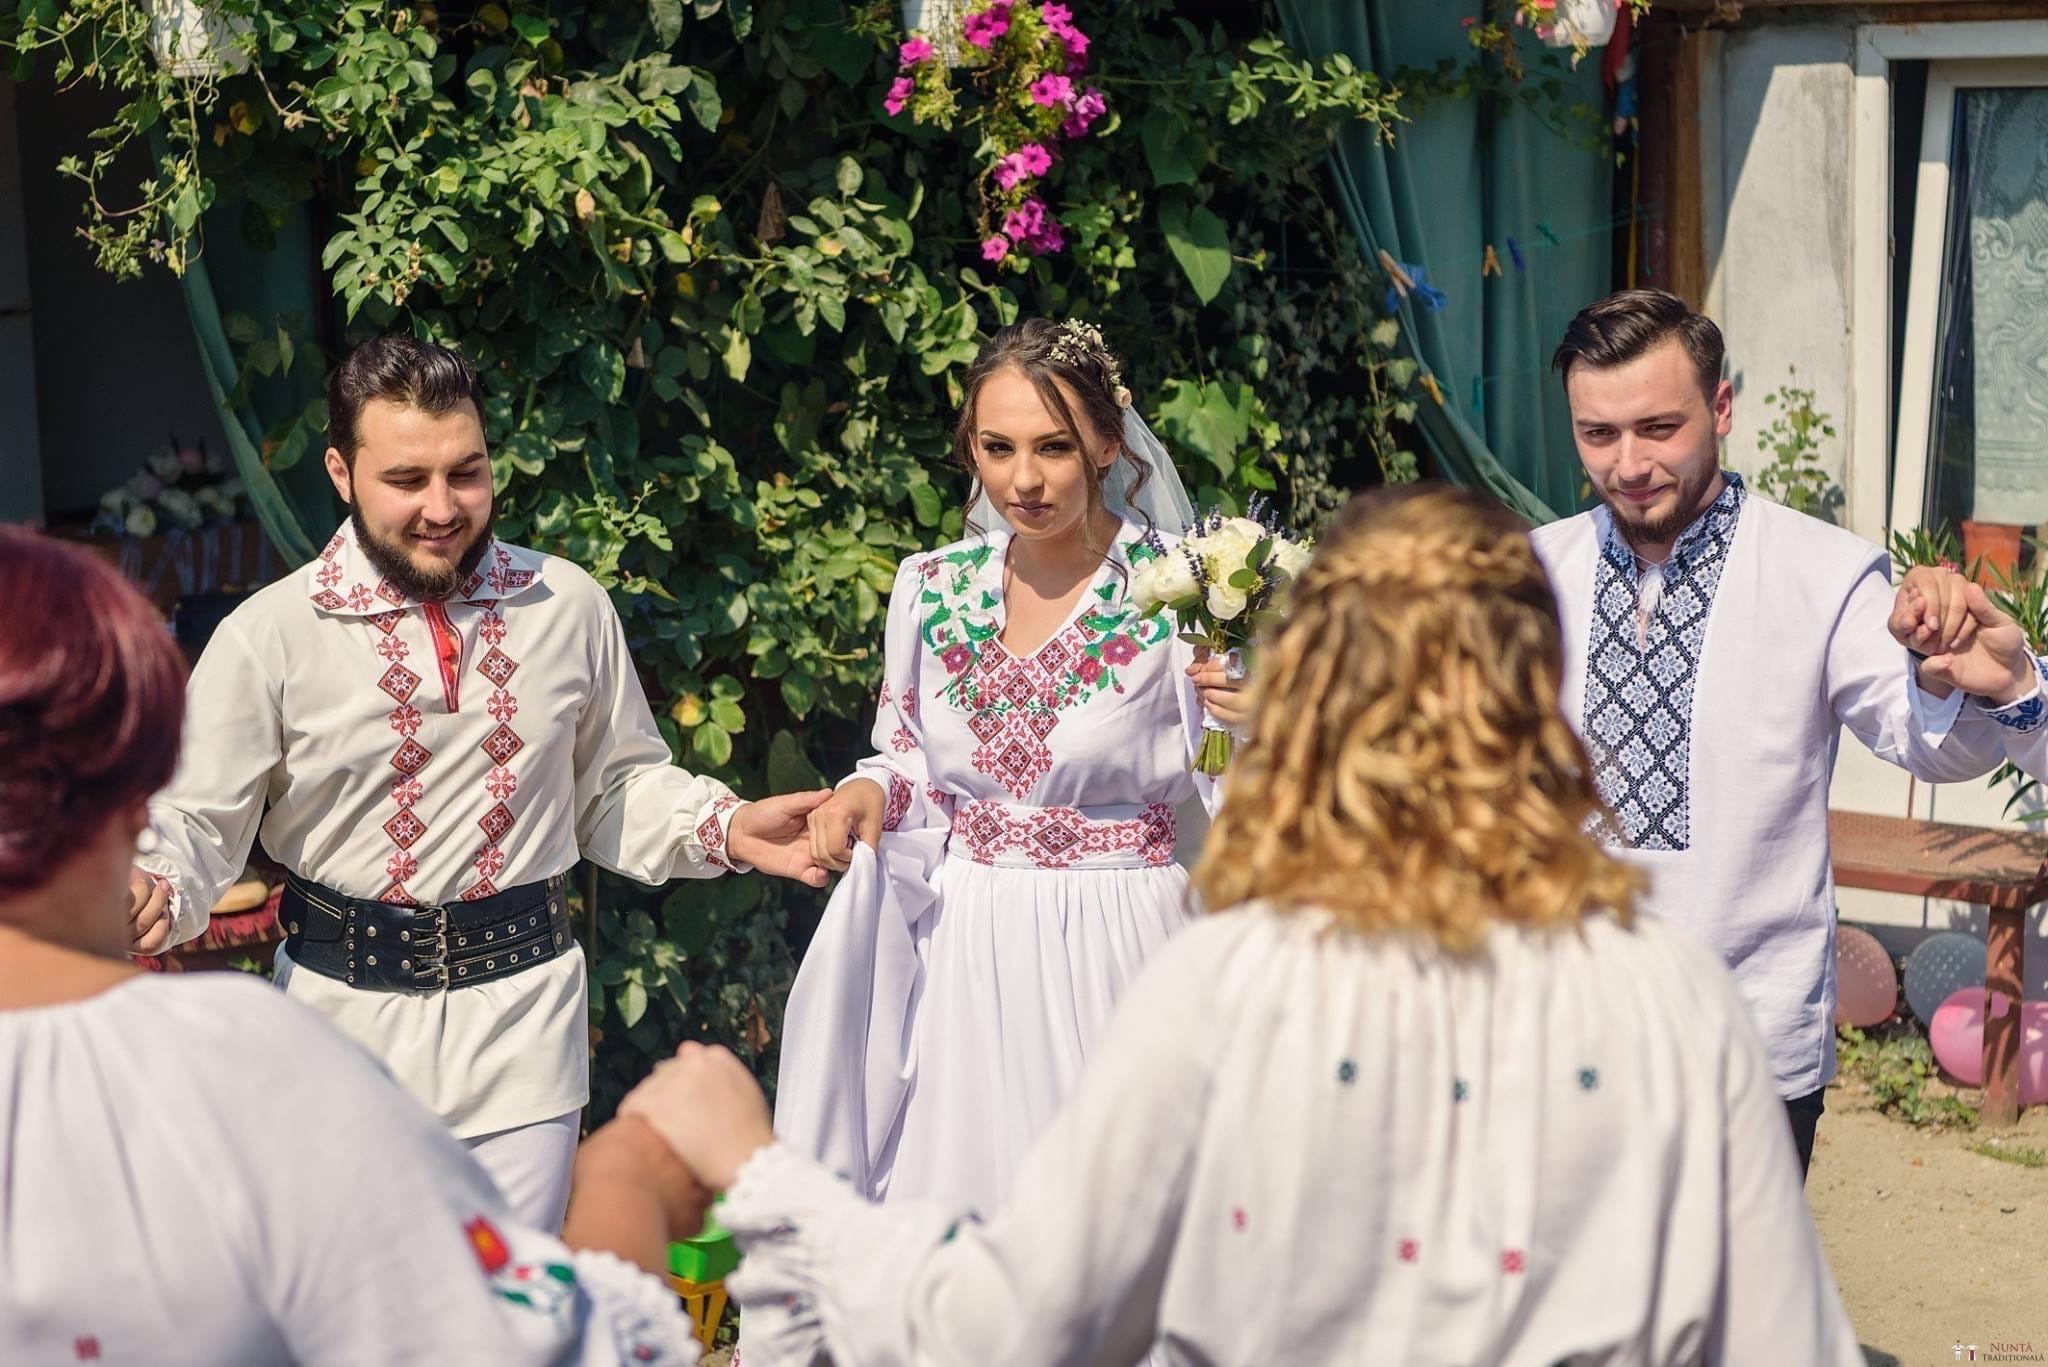 Povești Nunți Tradiționale - Daniela și Cristian, nuntă tradițională în Slobozia, Giurgiu 23